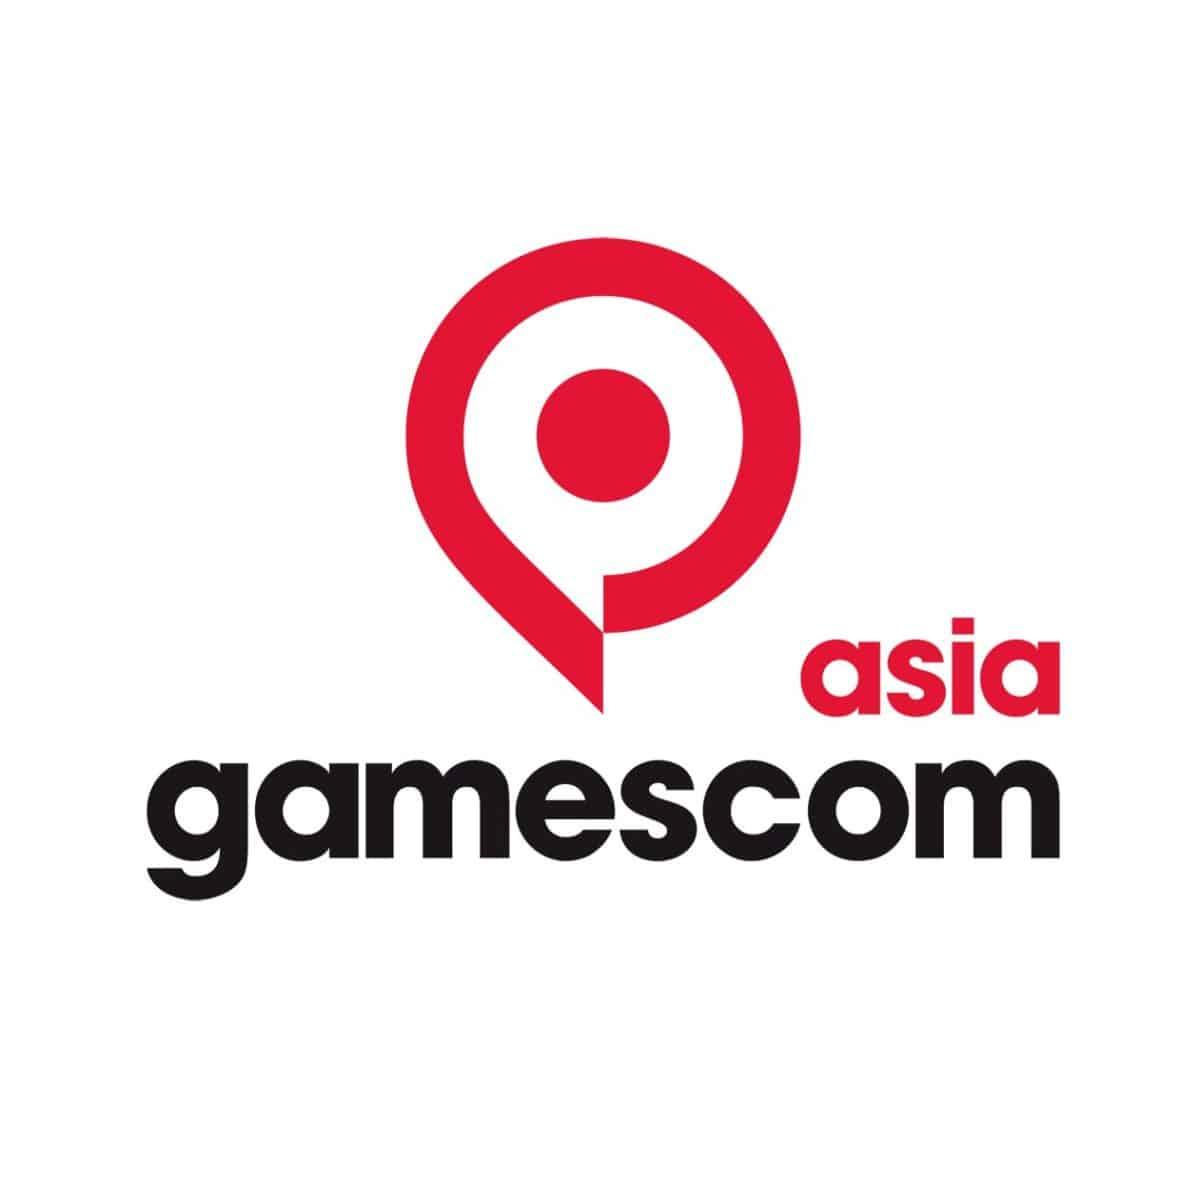 Gamescom : le salon allemand va s'étendre en Asie en 2020